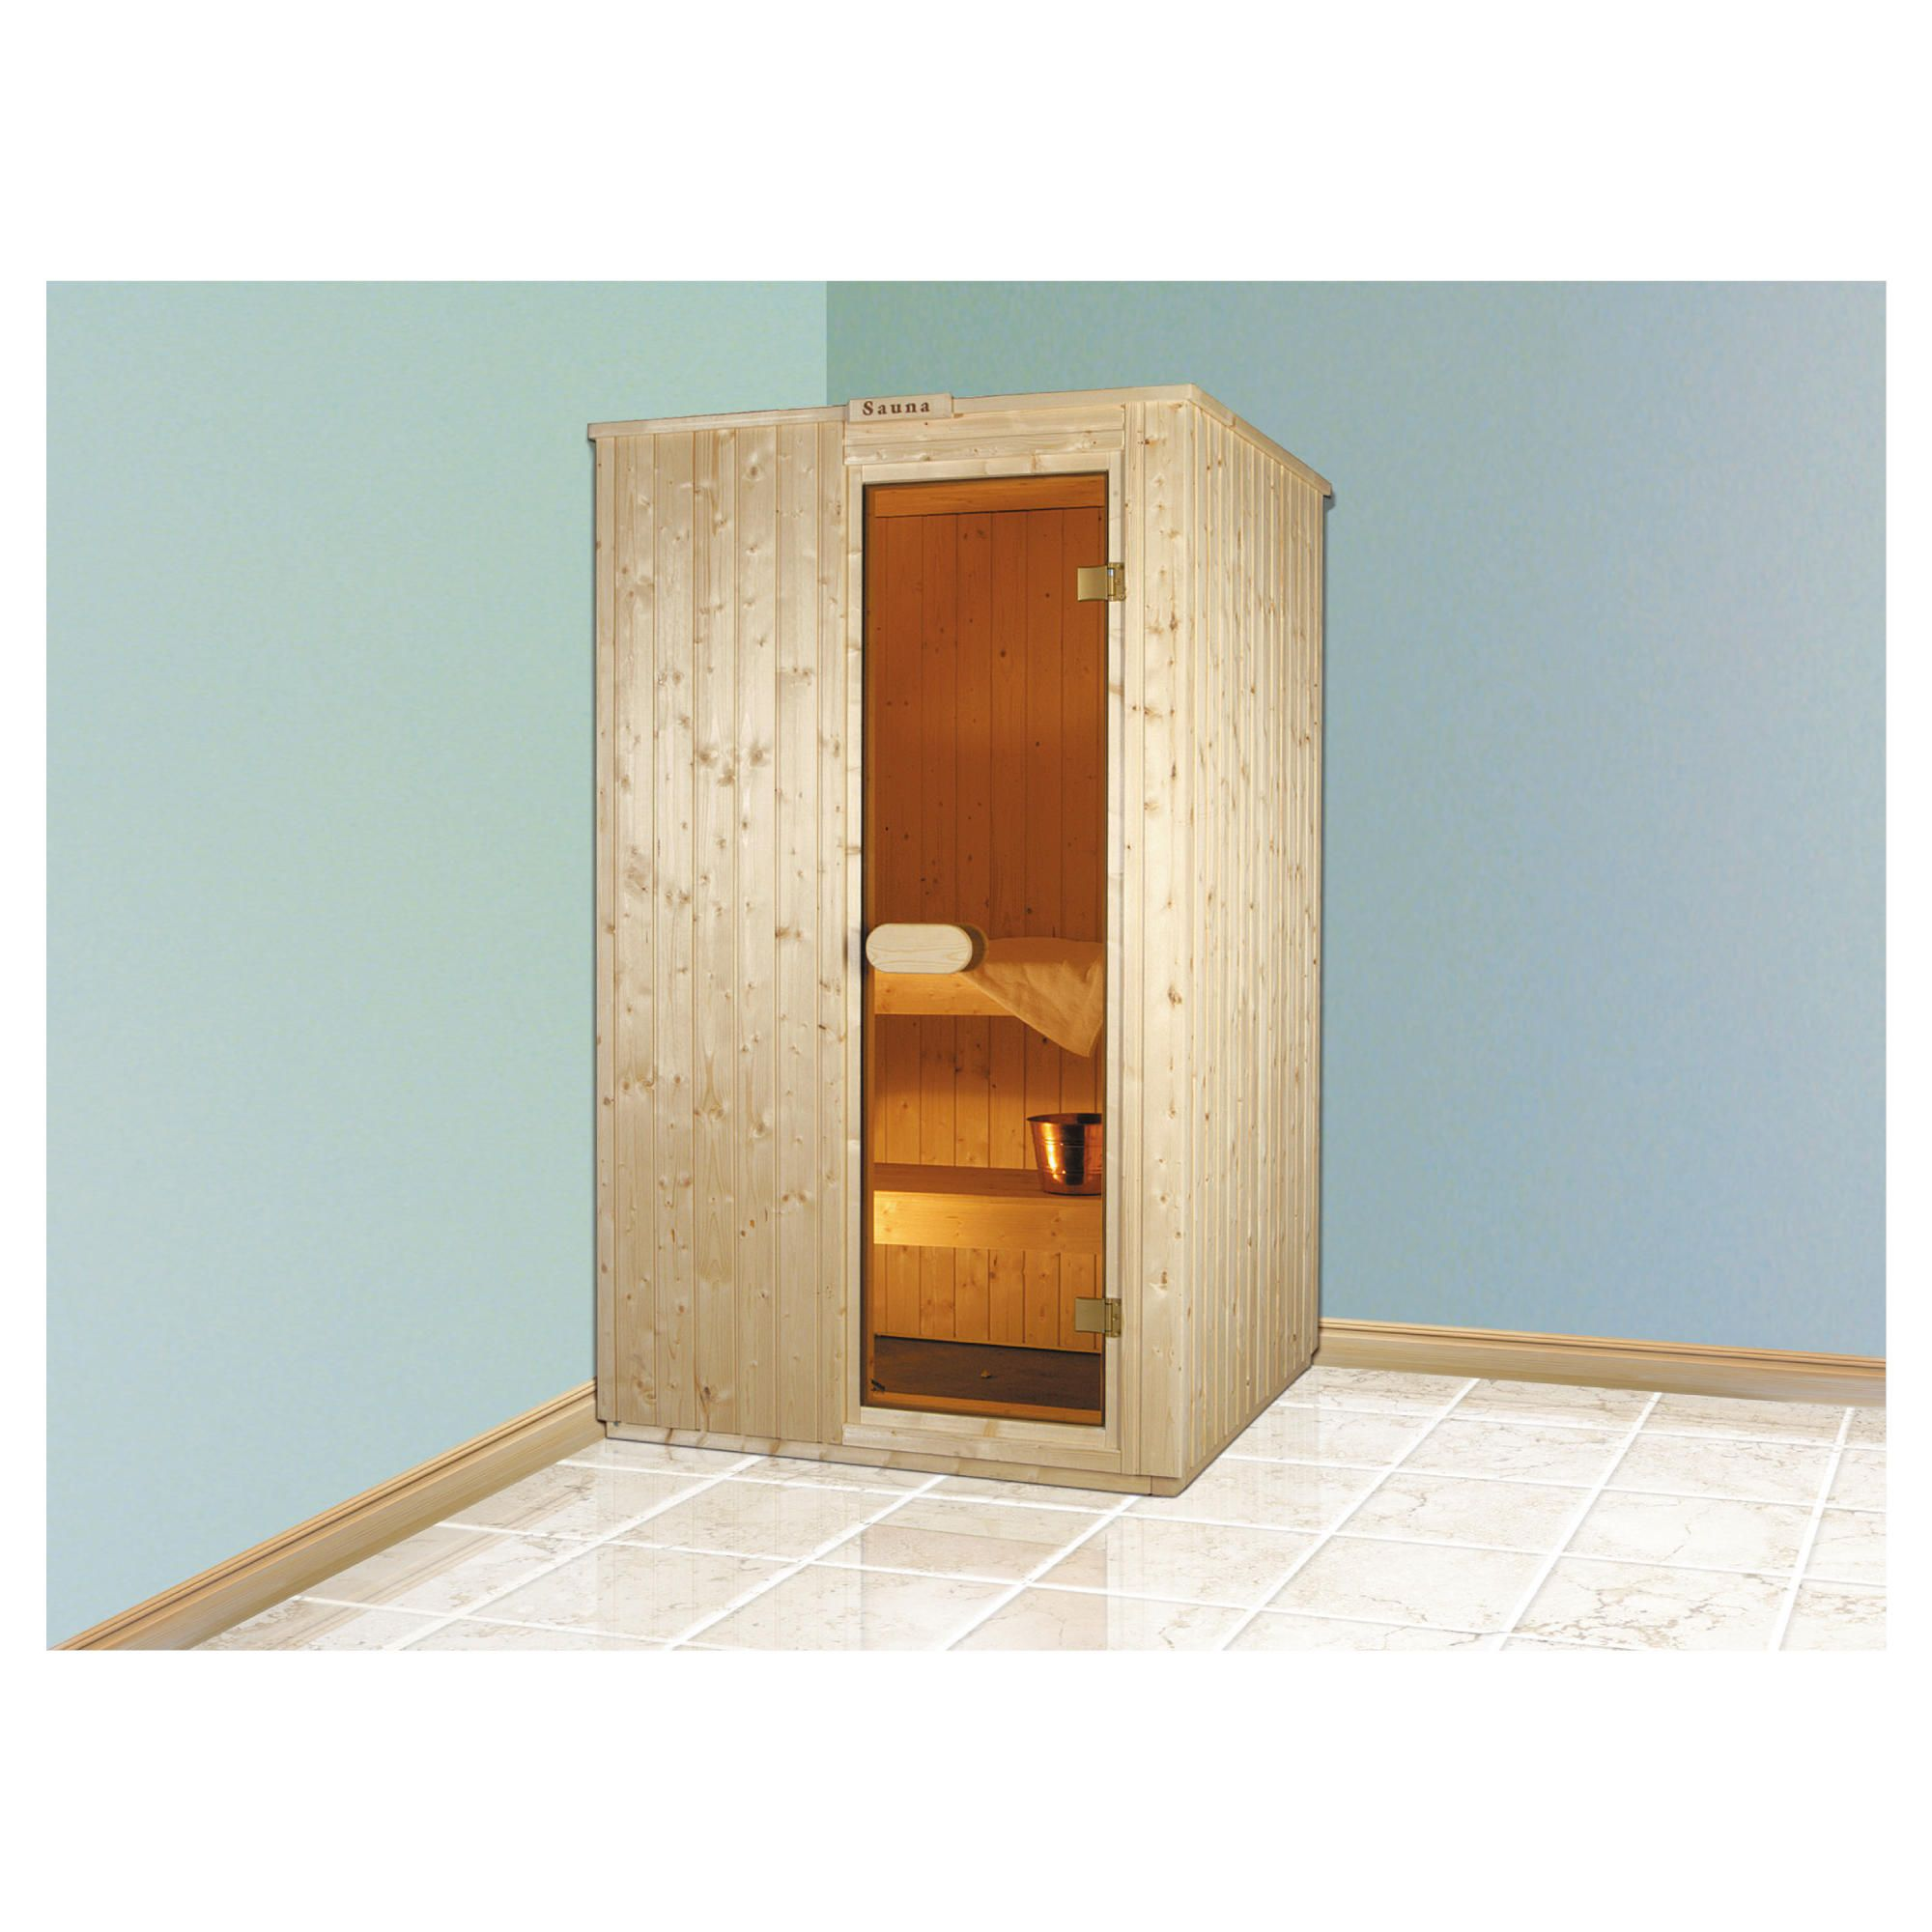 Finnforest Finnlife Laine Sauna (Small) at Tesco Direct